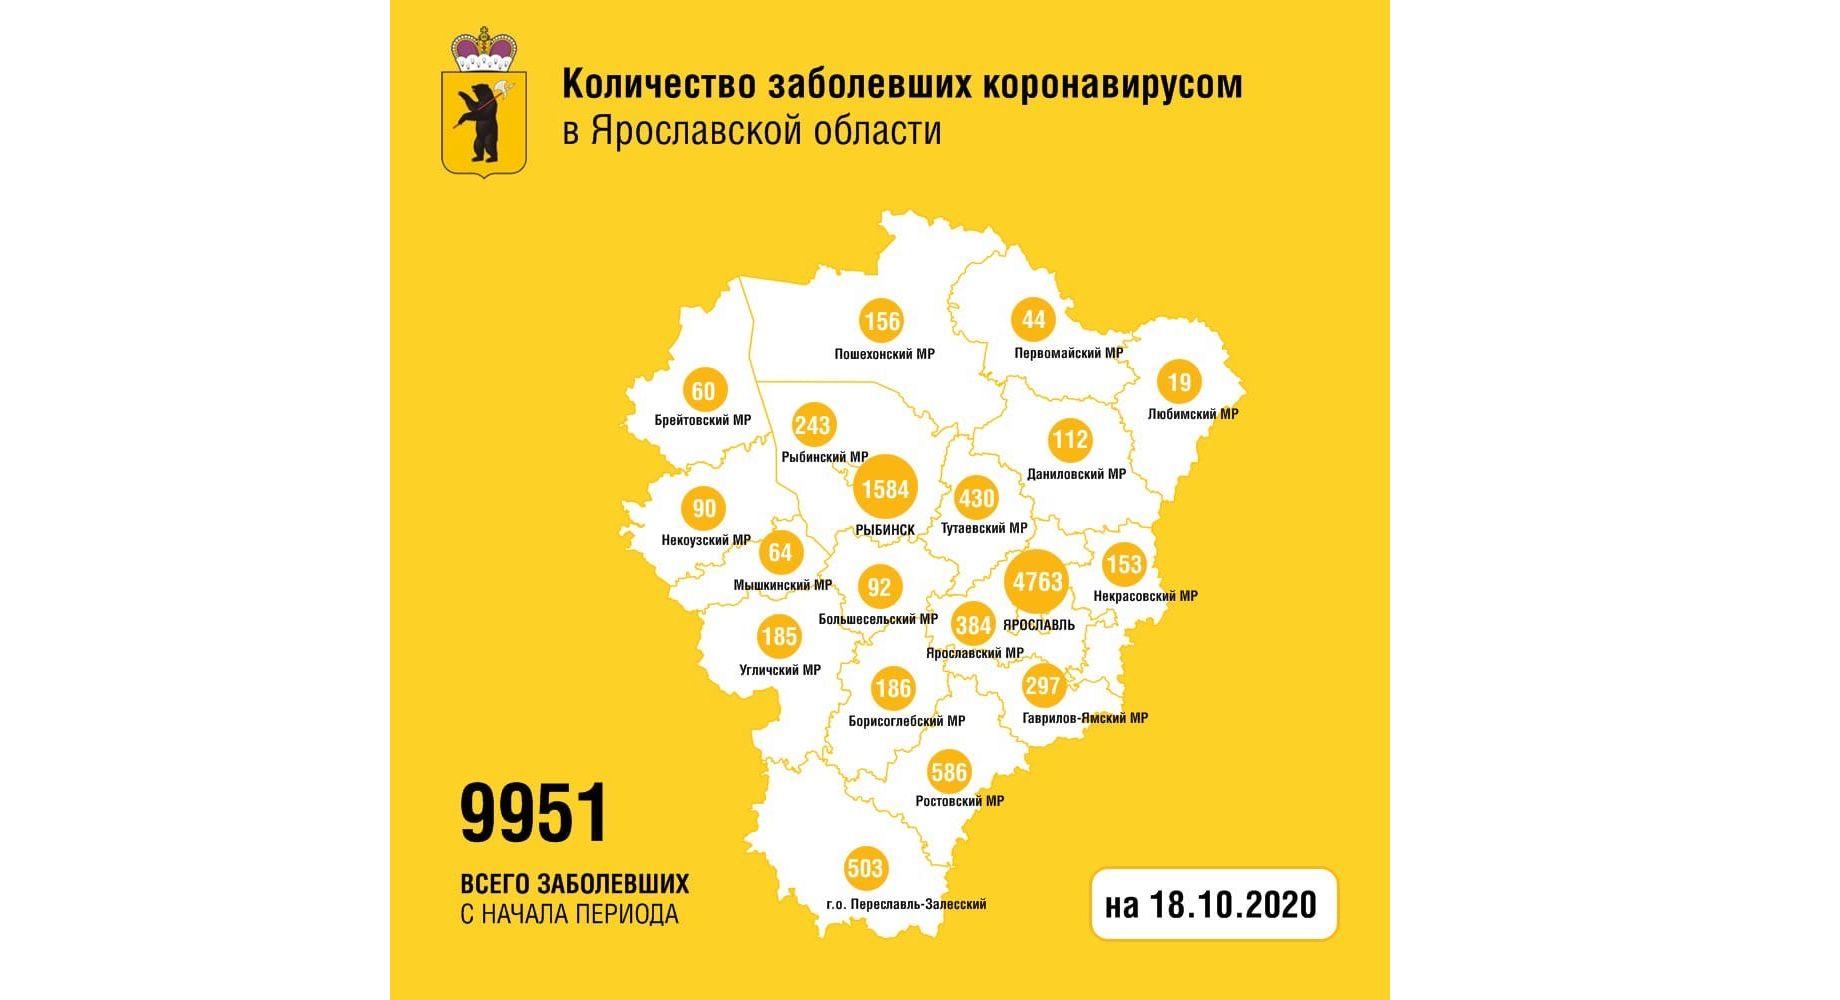 В Ярославской области вылечились от коронавируса еще 9 человек